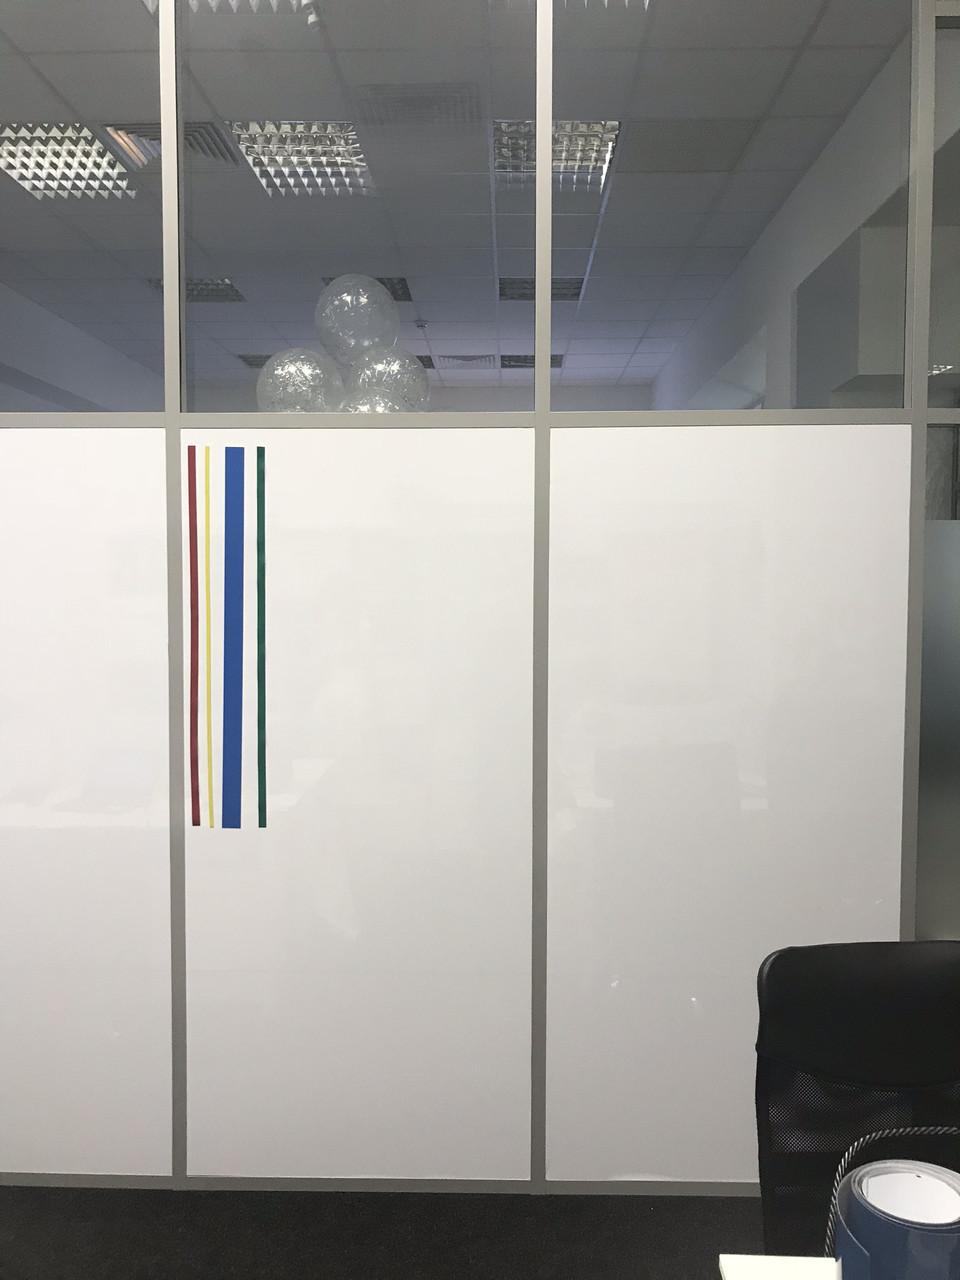 Маркерная Магнитная плёнка для стекла Силикон Melmark CK Без клея 120 х 100 см. Глянцевая белая